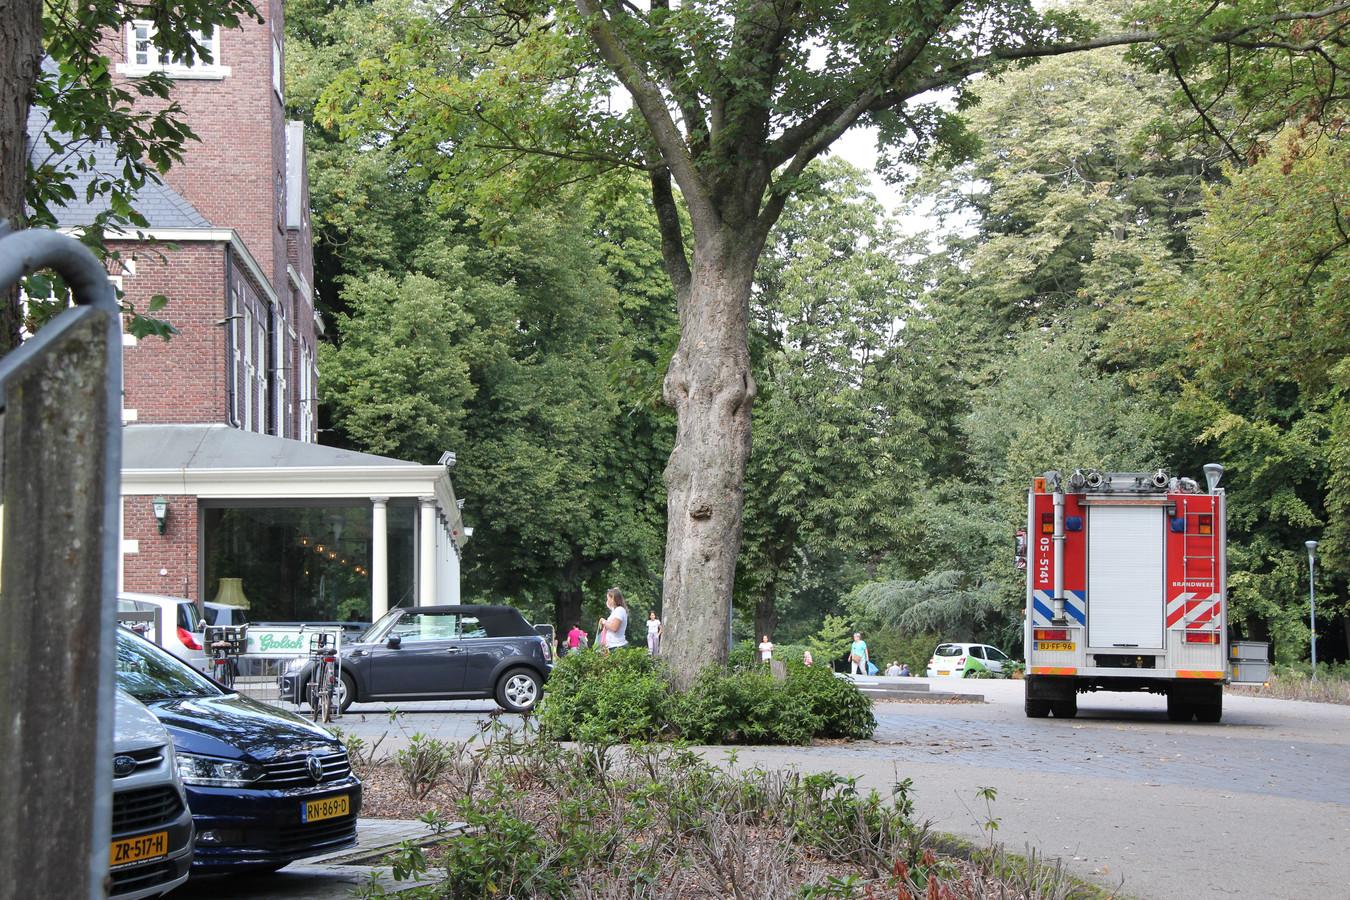 De brandweer moest woensdag in het Rijssense Parkgebouw een persoon bevrijden die vastzat in een toilet.